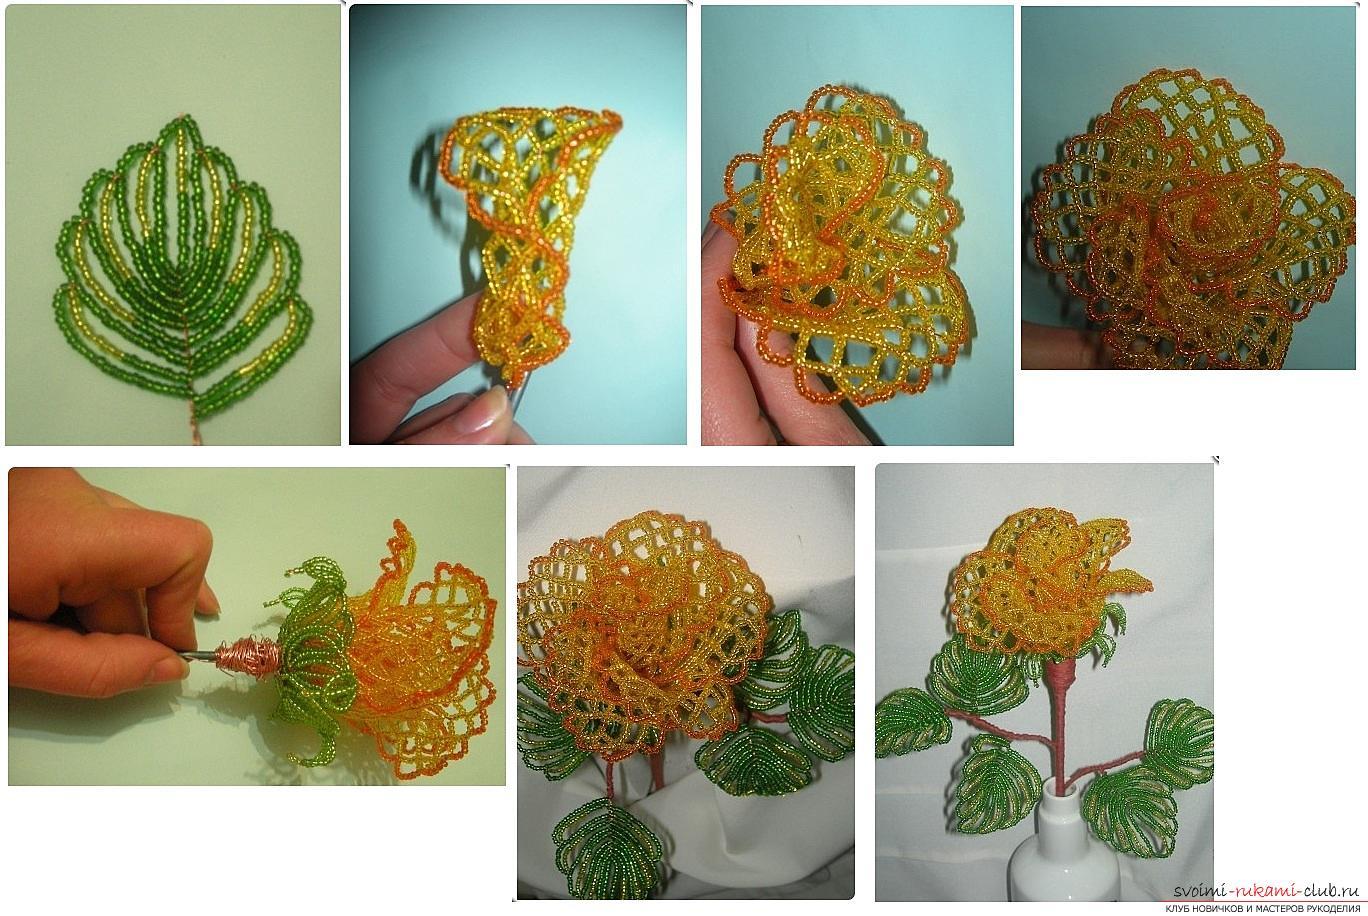 Как сплести розу из бисера. пошаговые фото и подробное описание плетения цветка и листьев розы в различных техниках. Фото №20